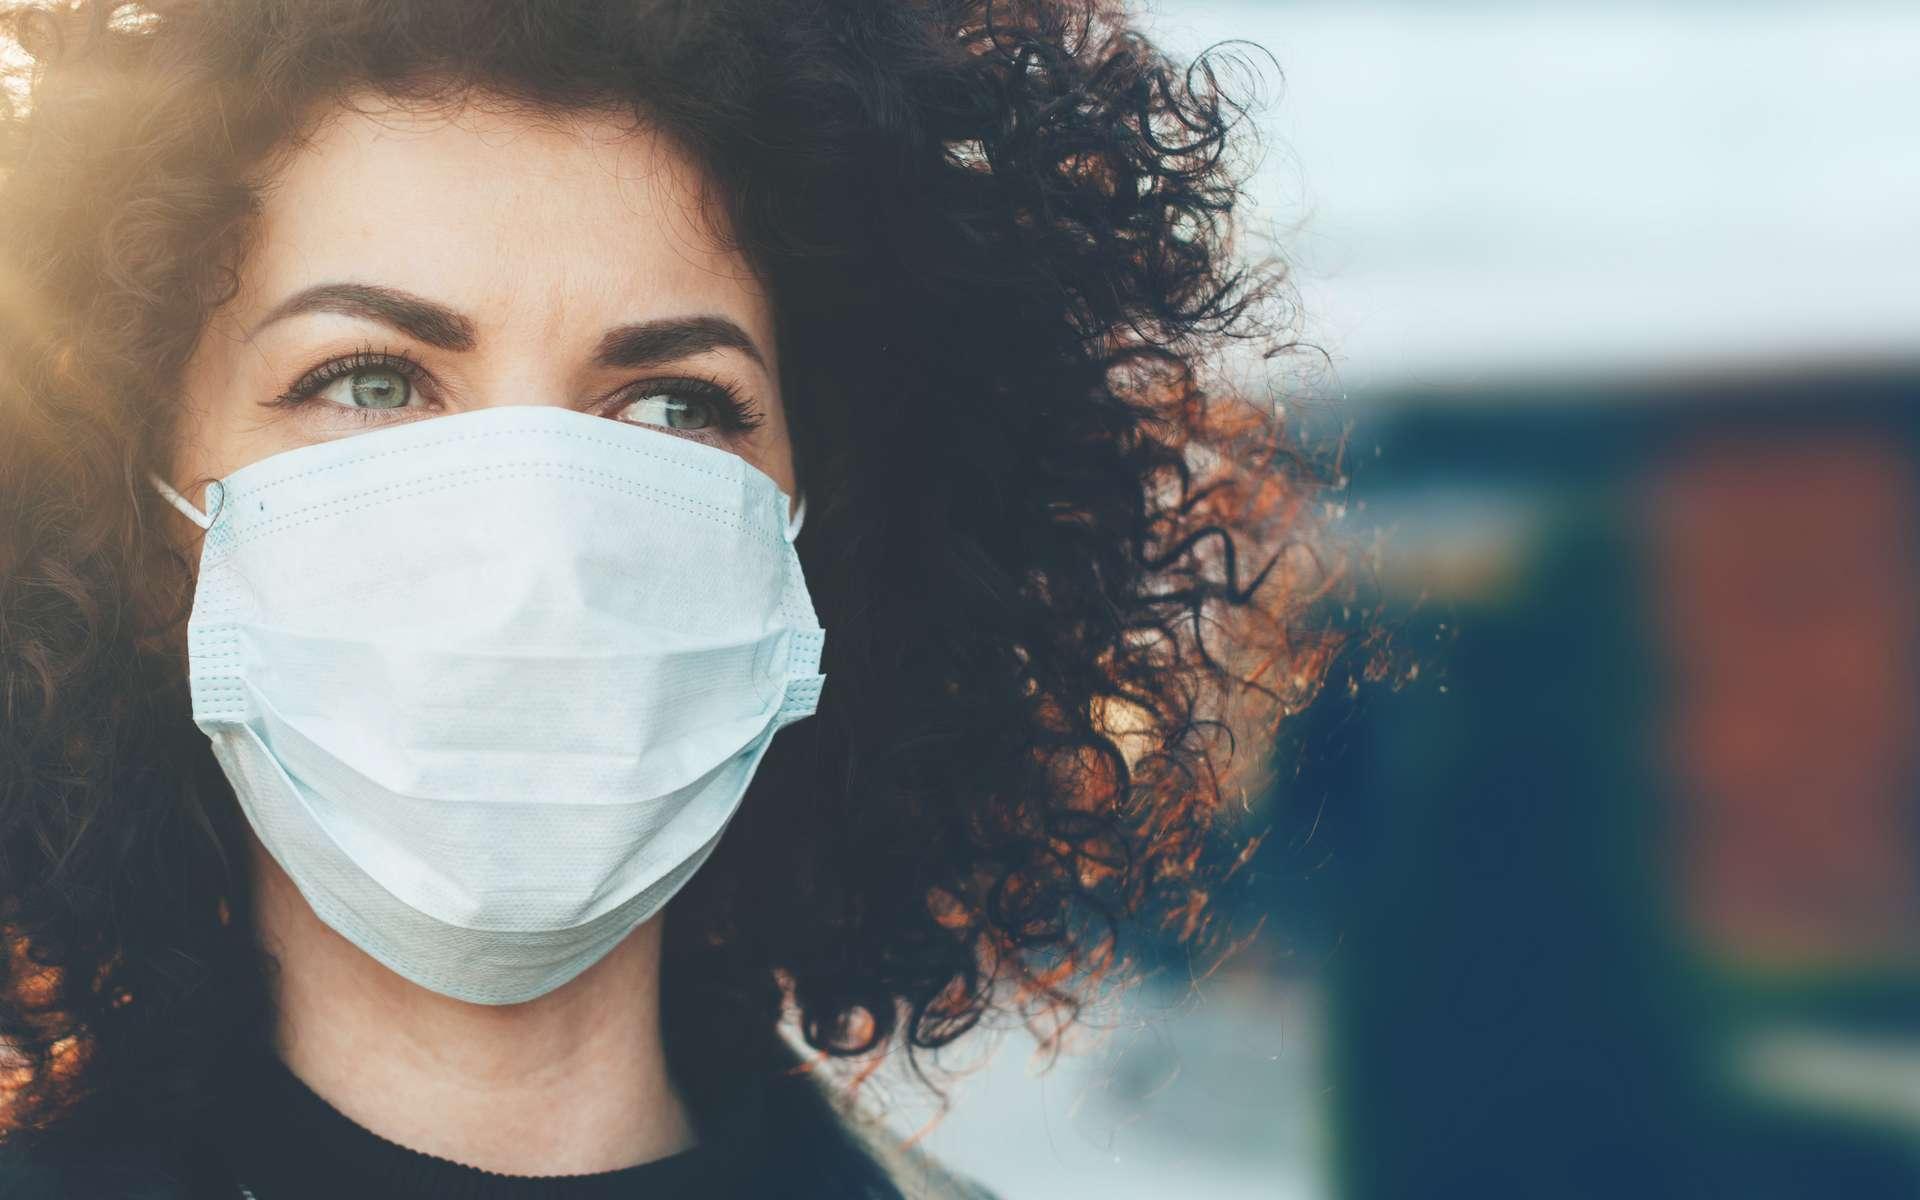 Le port du masque augmente t-il la fréquence des maux de têtes ? © Strelciuc, Adobe Stock